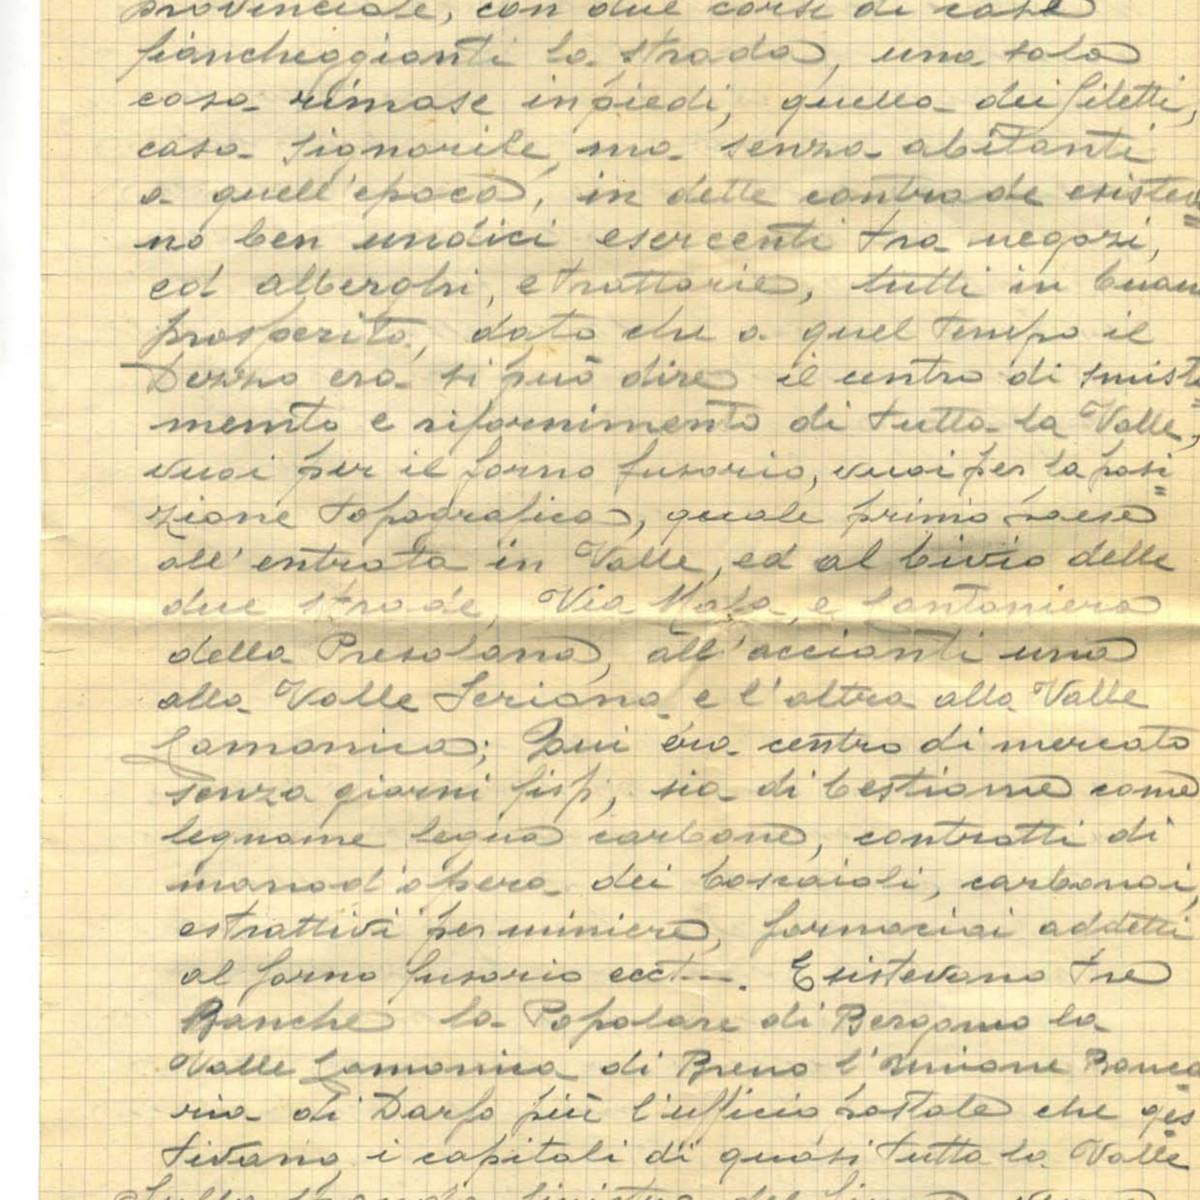 Lettera di Baldoni Angelo_08